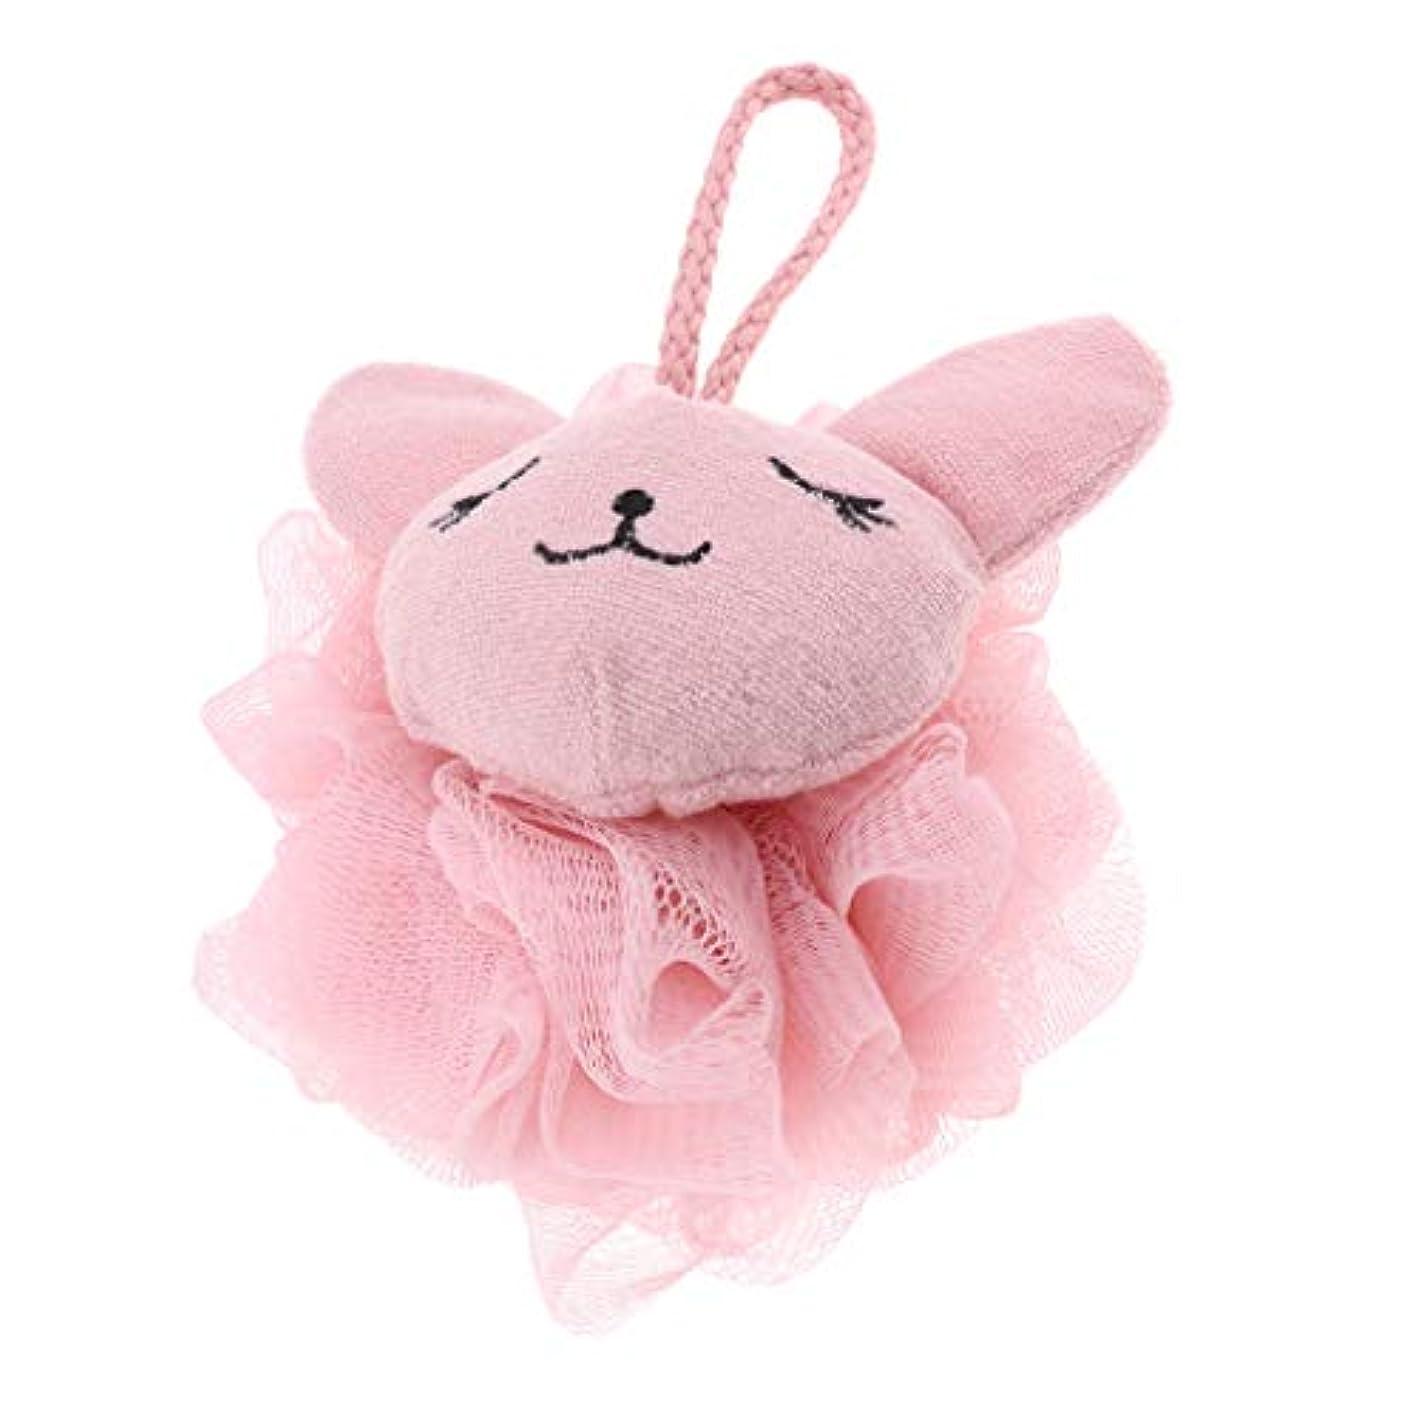 CUTICATE シャワーボール ボディスポンジ 漫画 動物 お風呂 バスグッズ 体洗い 柔らか 快適 全2色 - ピンク